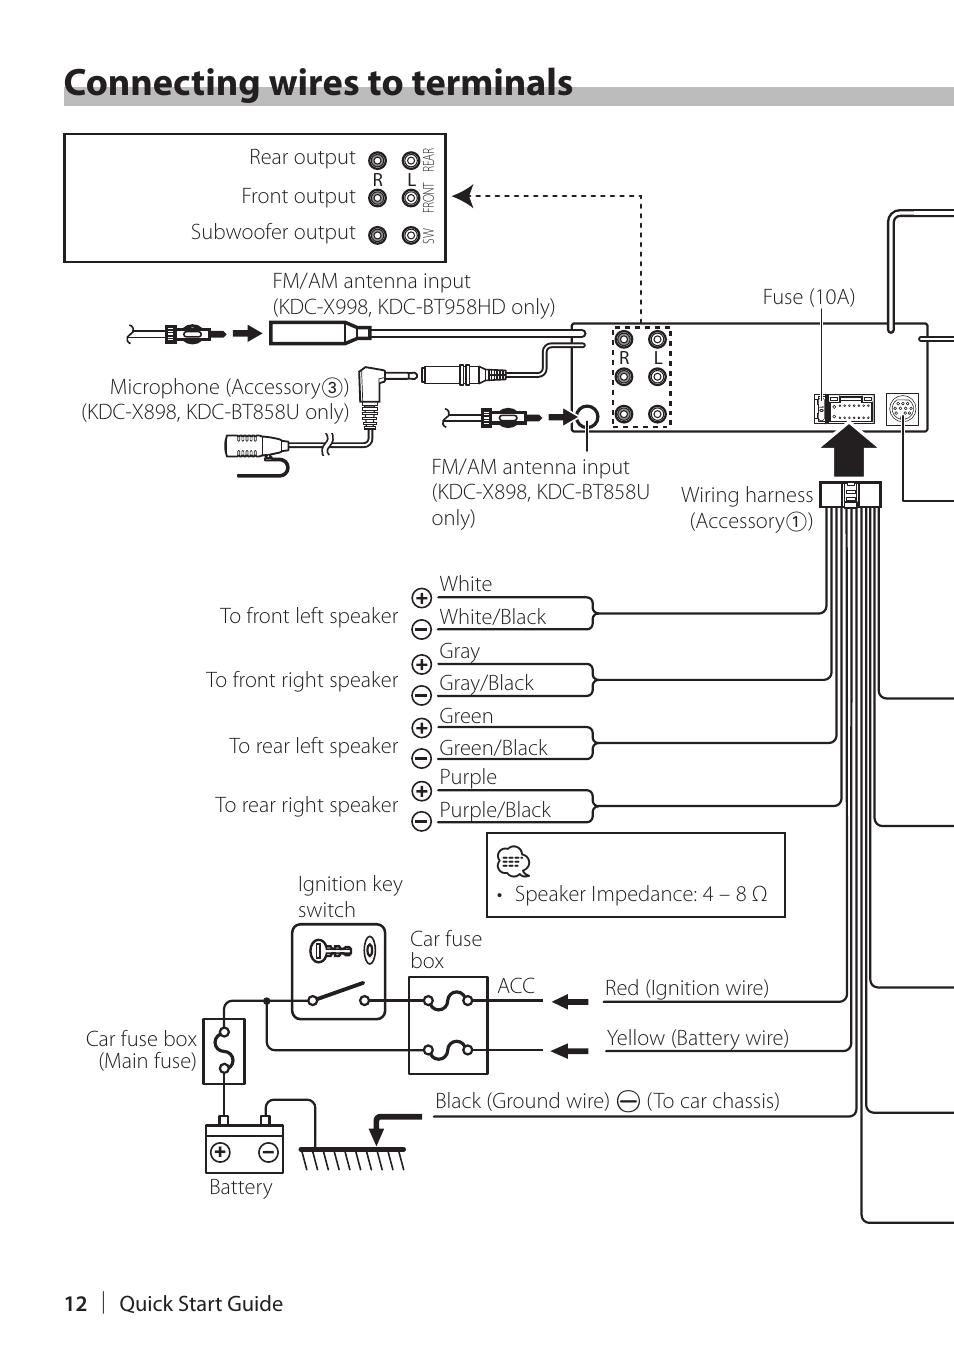 [DIAGRAM_38DE]  Kenwood Dnx7100 Wiring Schematics - Lincoln Weldanpower 225 Wiring Diagram  for Wiring Diagram Schematics | Kenwood Model Kdc X595 Speaker Wiring Diagram |  | Wiring Diagram and Schematics